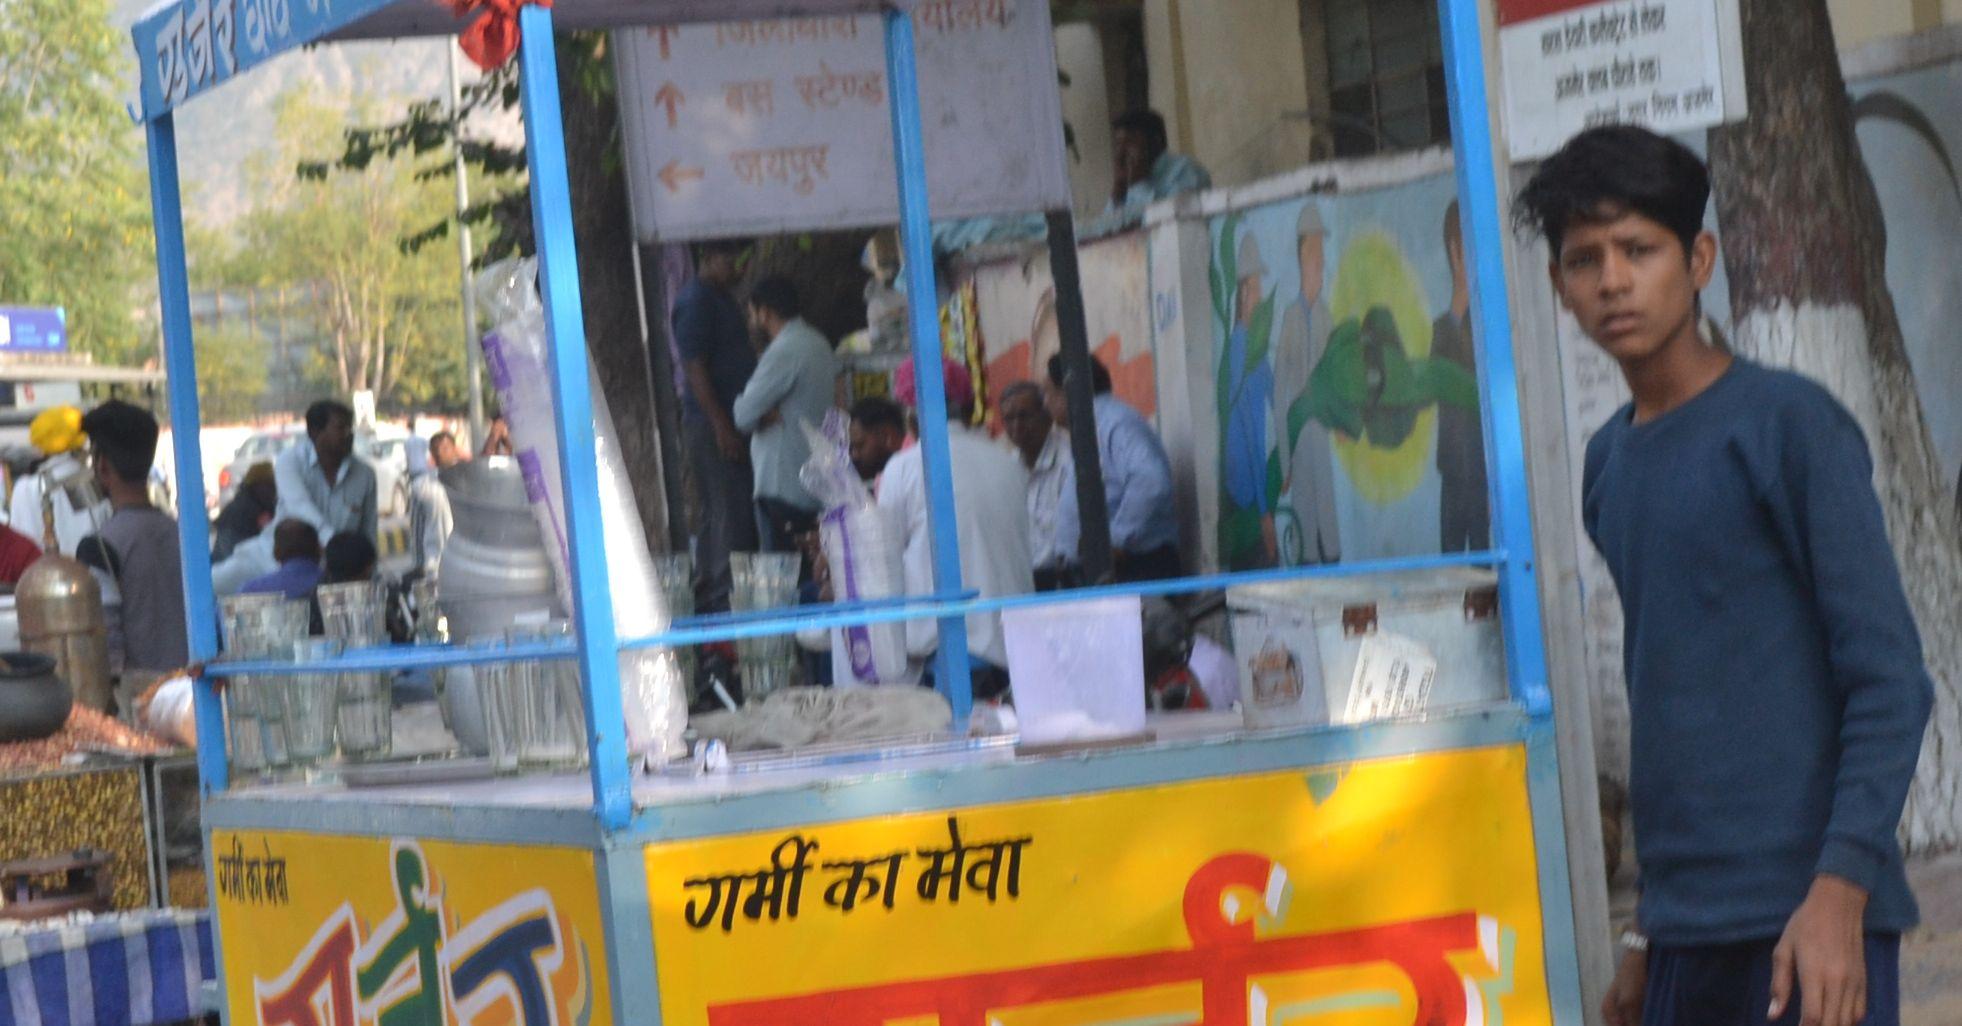 Big issue: नन्हें कंधों पर कमाई का बोझ, यूं कैसे बनेगा शाइनिंग इंडिया